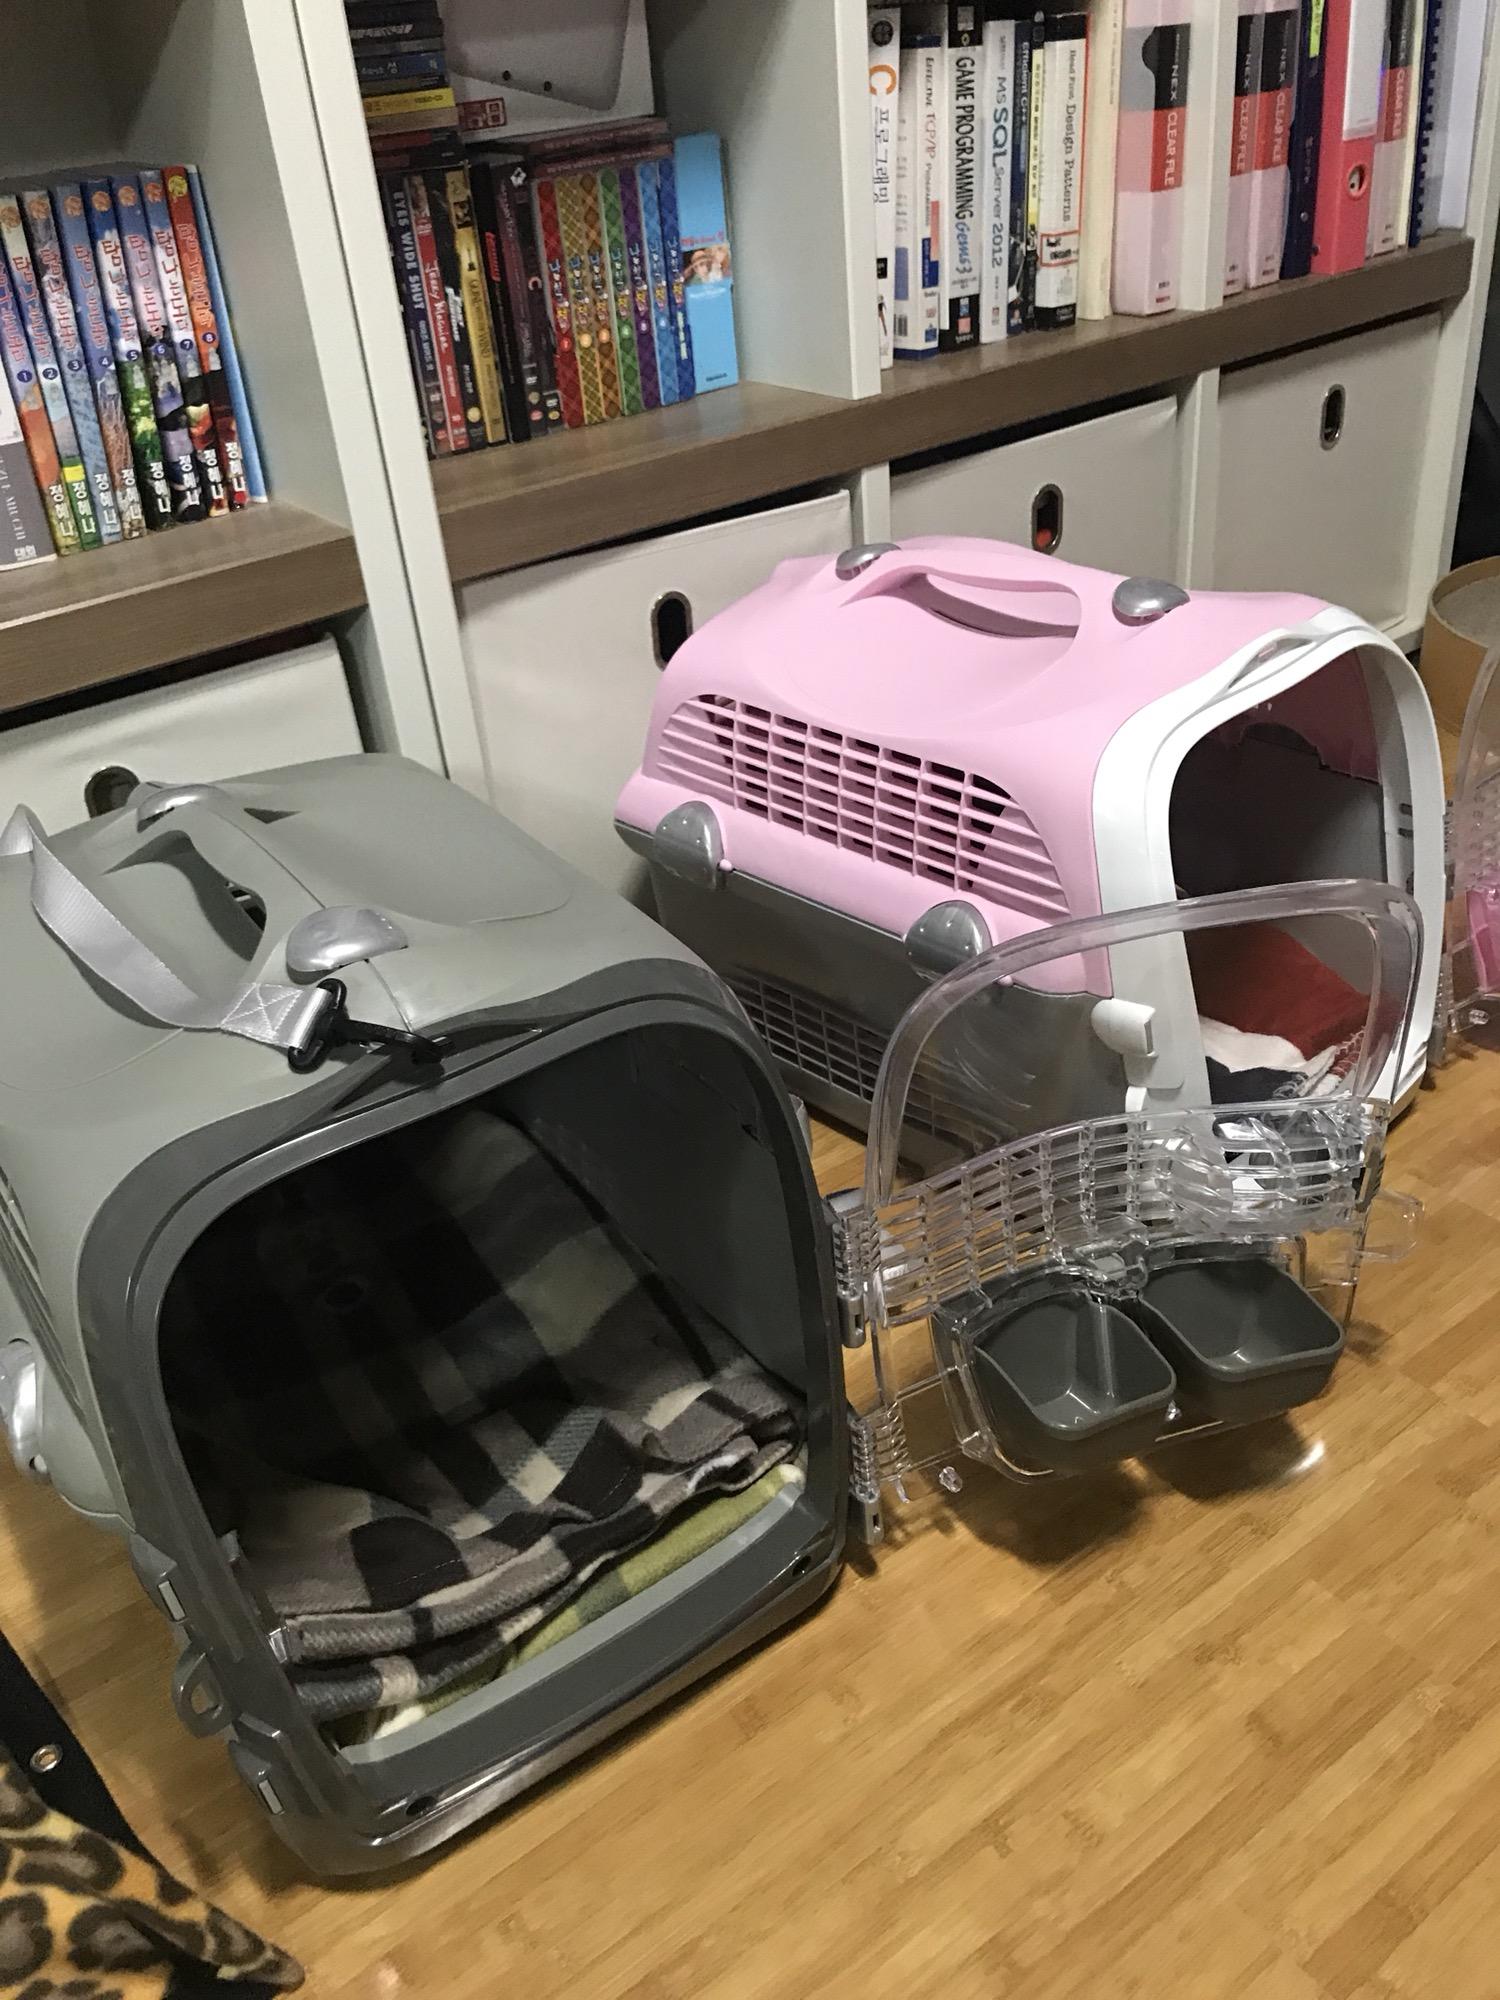 고양이 일본검역 준비 및 1차방문